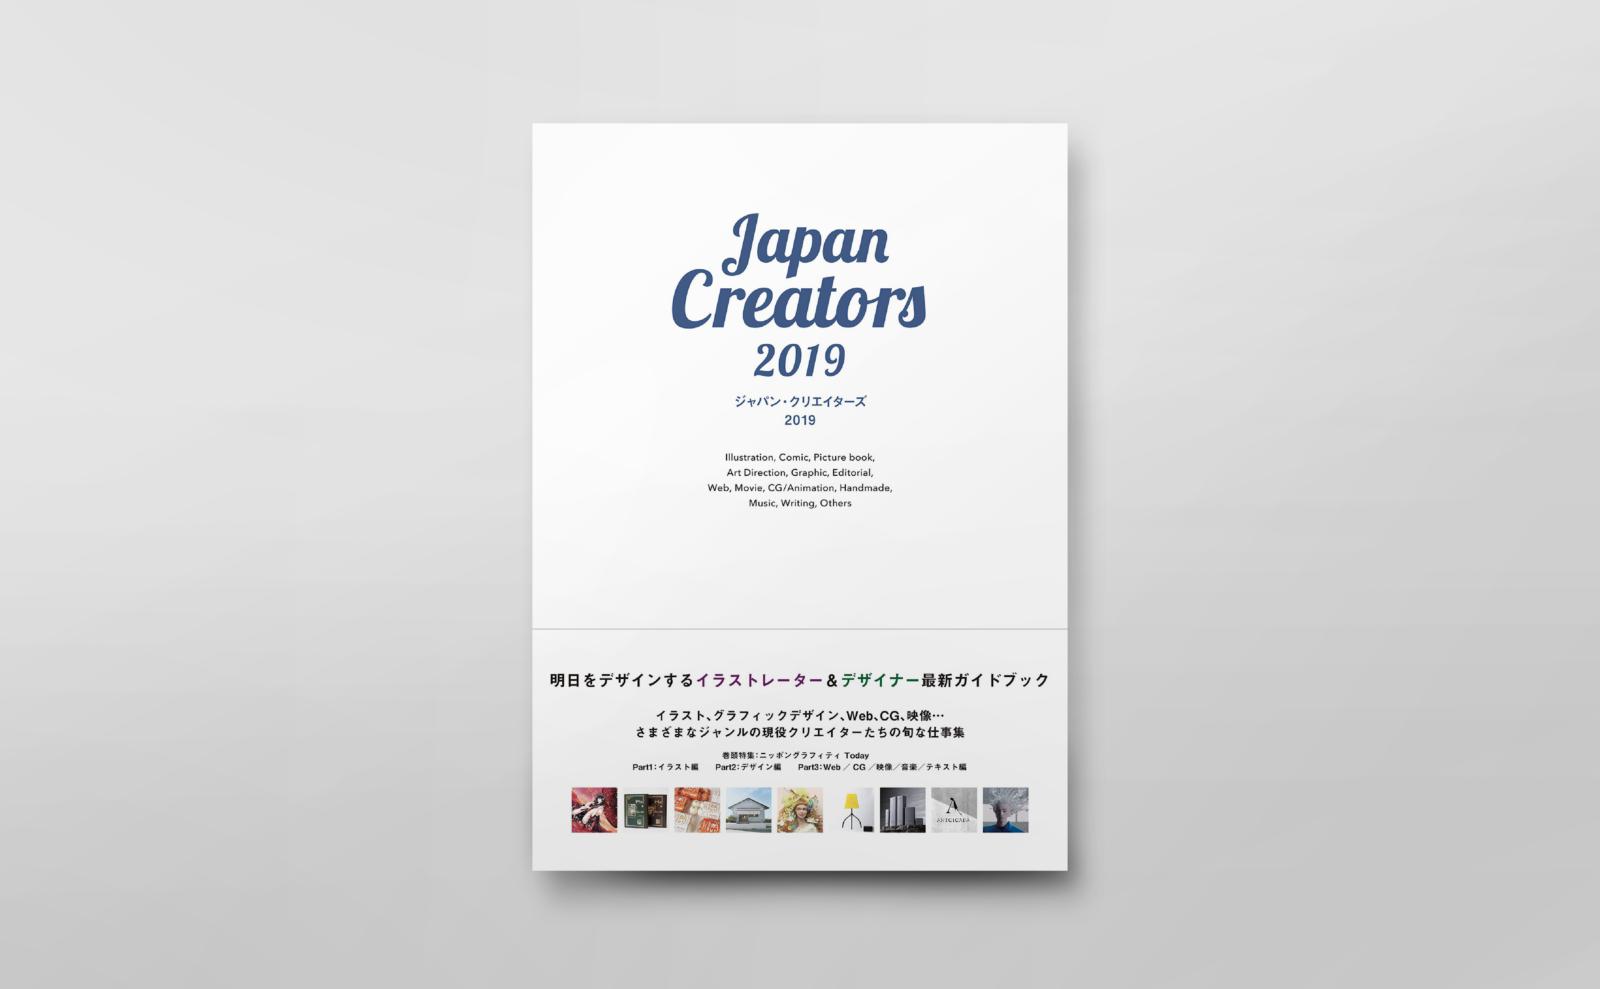 JAPAN CREATORS 2019__-2